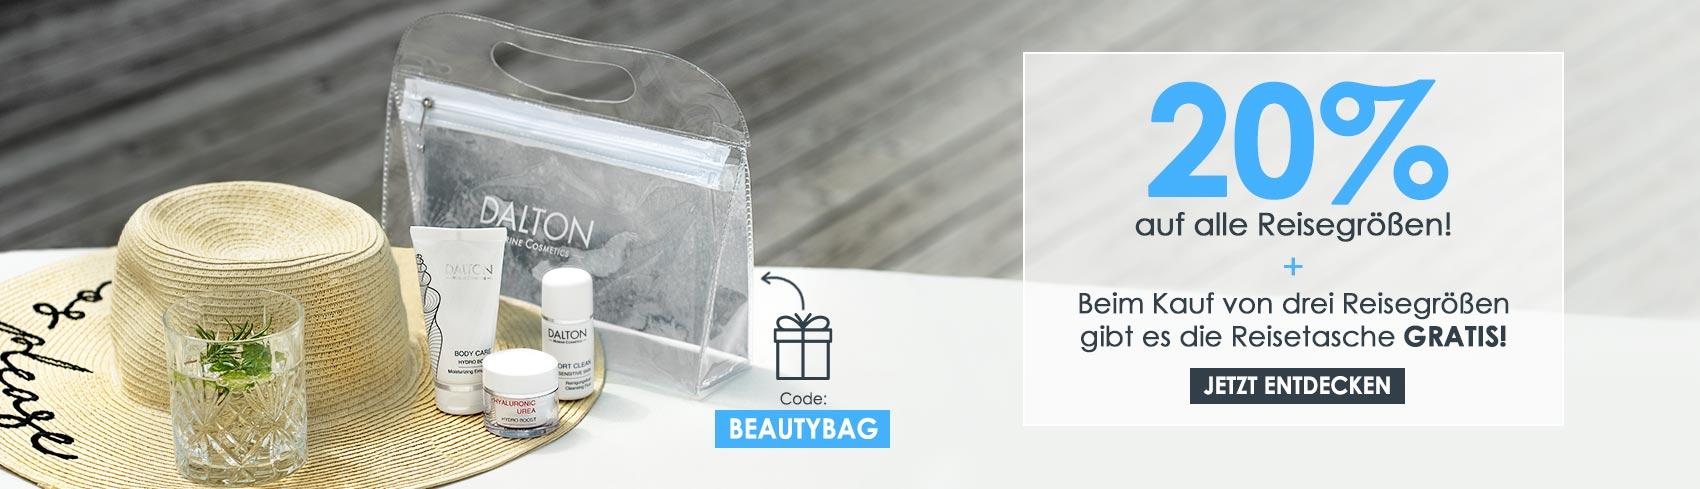 Sichere dir eine GRATIS Reisetasche